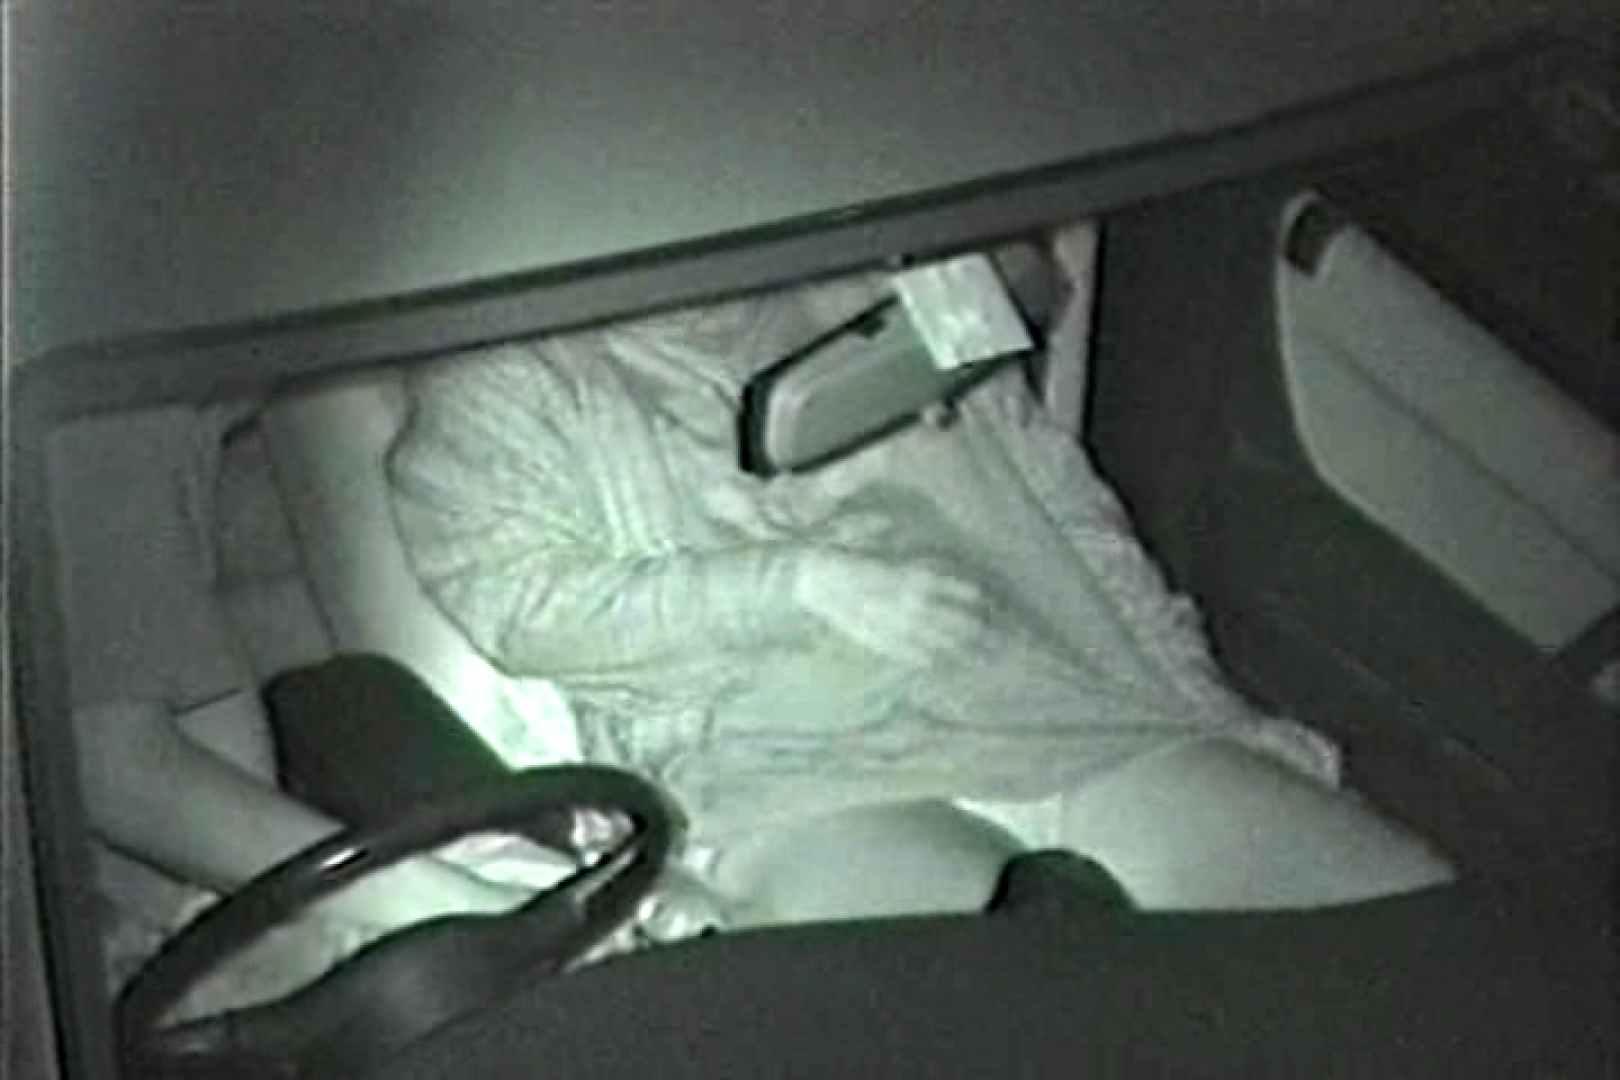 車の中はラブホテル 無修正版  Vol.7 接写 盗撮アダルト動画キャプチャ 96連発 34